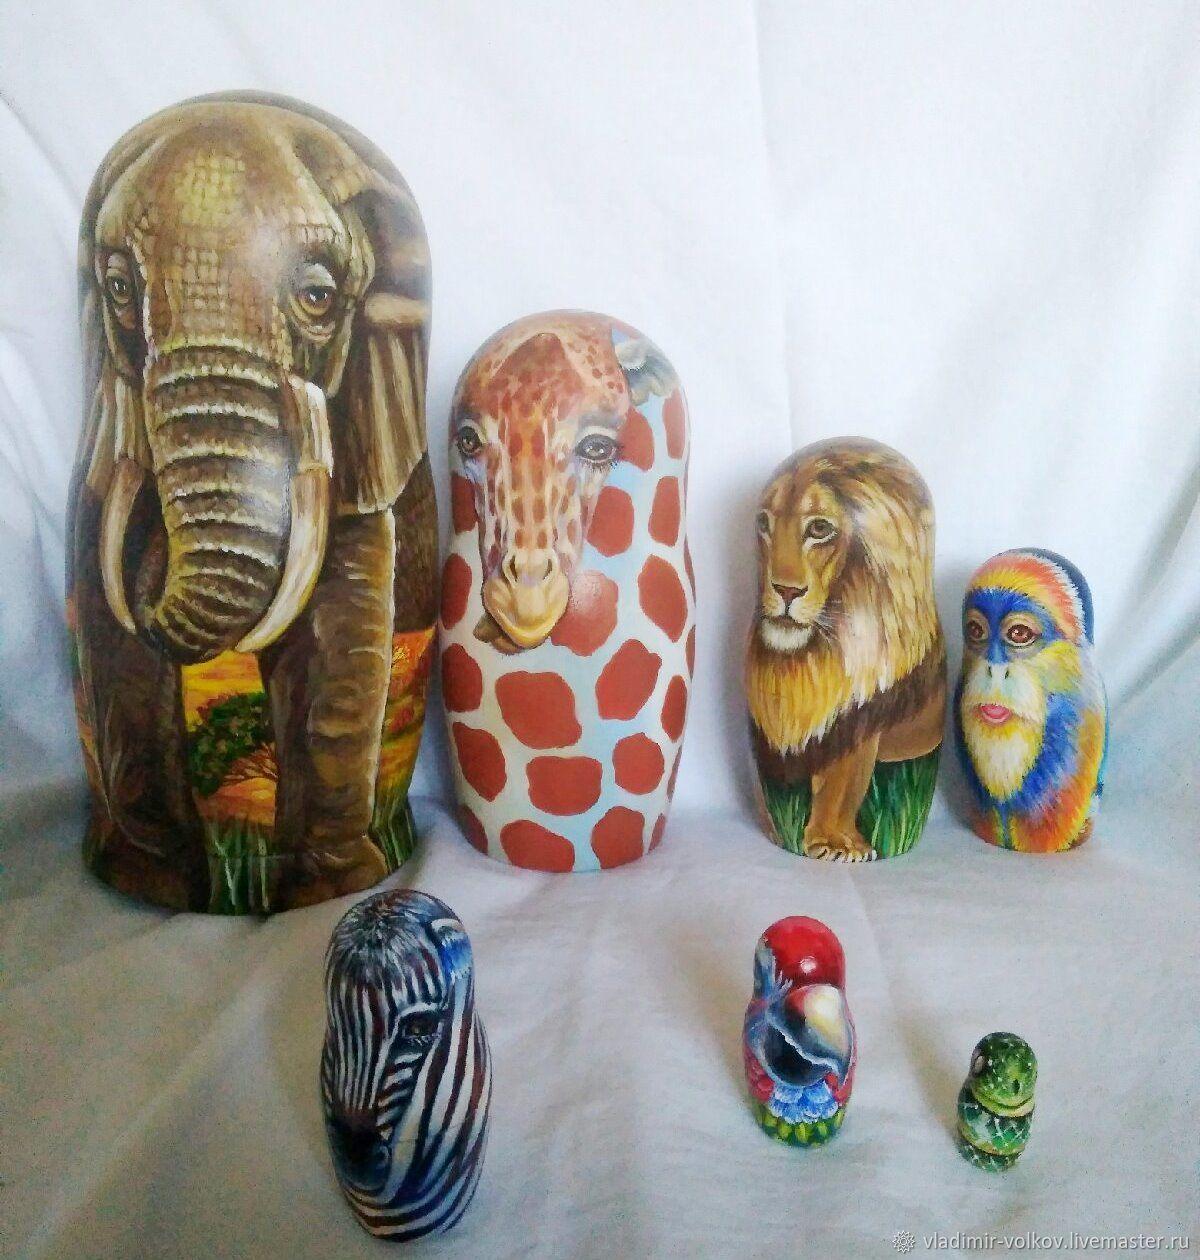 Матрешка Африканские животные 7 мест, авторская игрушка матрёшка 7 в 1, Матрешки, Рязань,  Фото №1